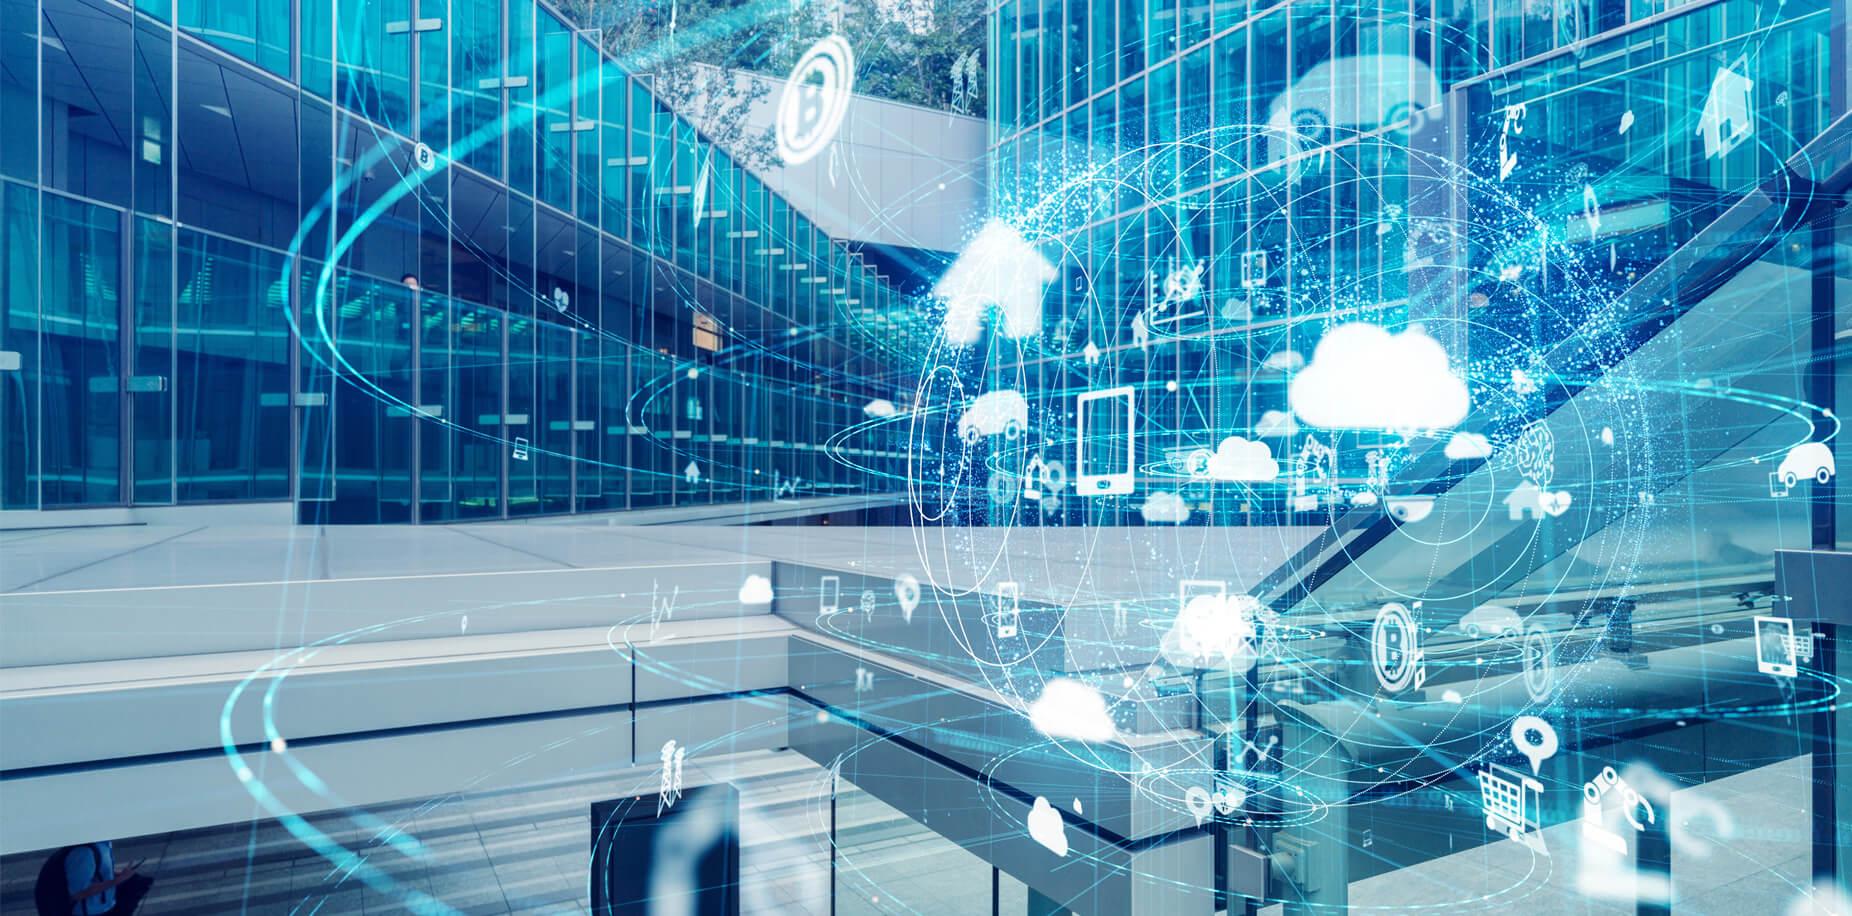 veea__0006_smart building